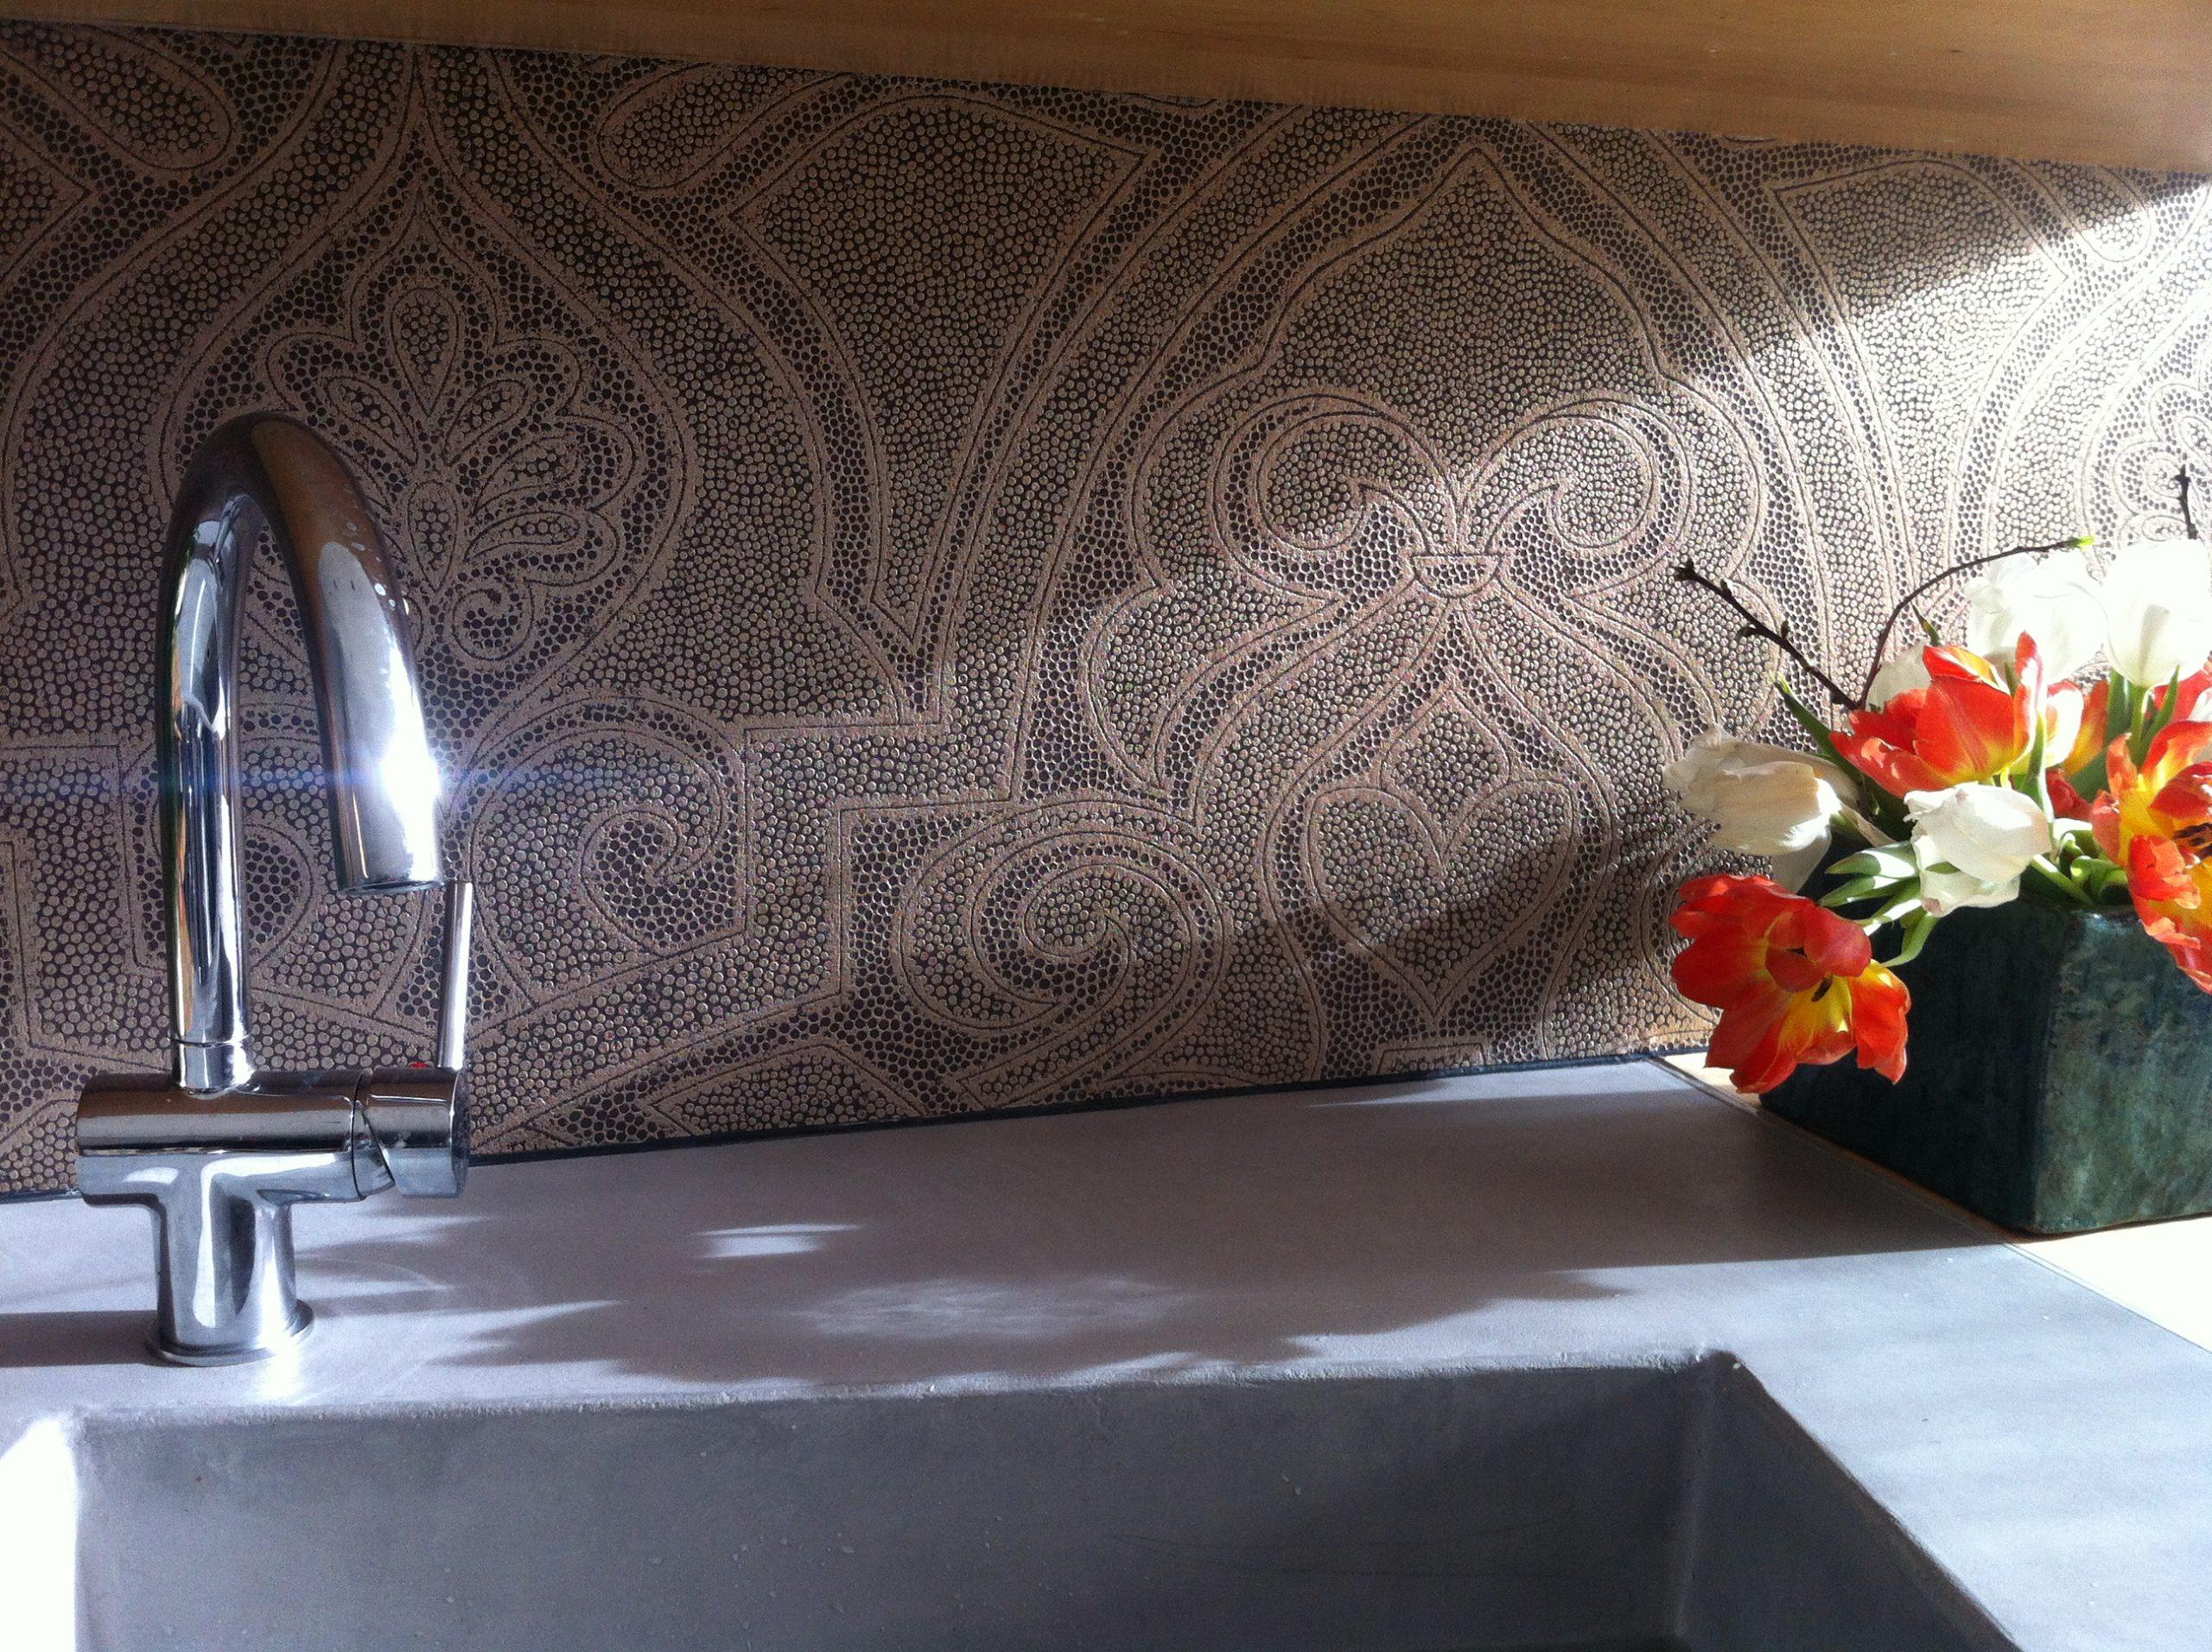 Full Size of Abwaschbare Tapete Kchenrckwand Alternative Zur Fliese Farbefreudeleben Tapeten Schlafzimmer Fototapete Küche Modern Für Die Wohnzimmer Ideen Fototapeten Wohnzimmer Abwaschbare Tapete